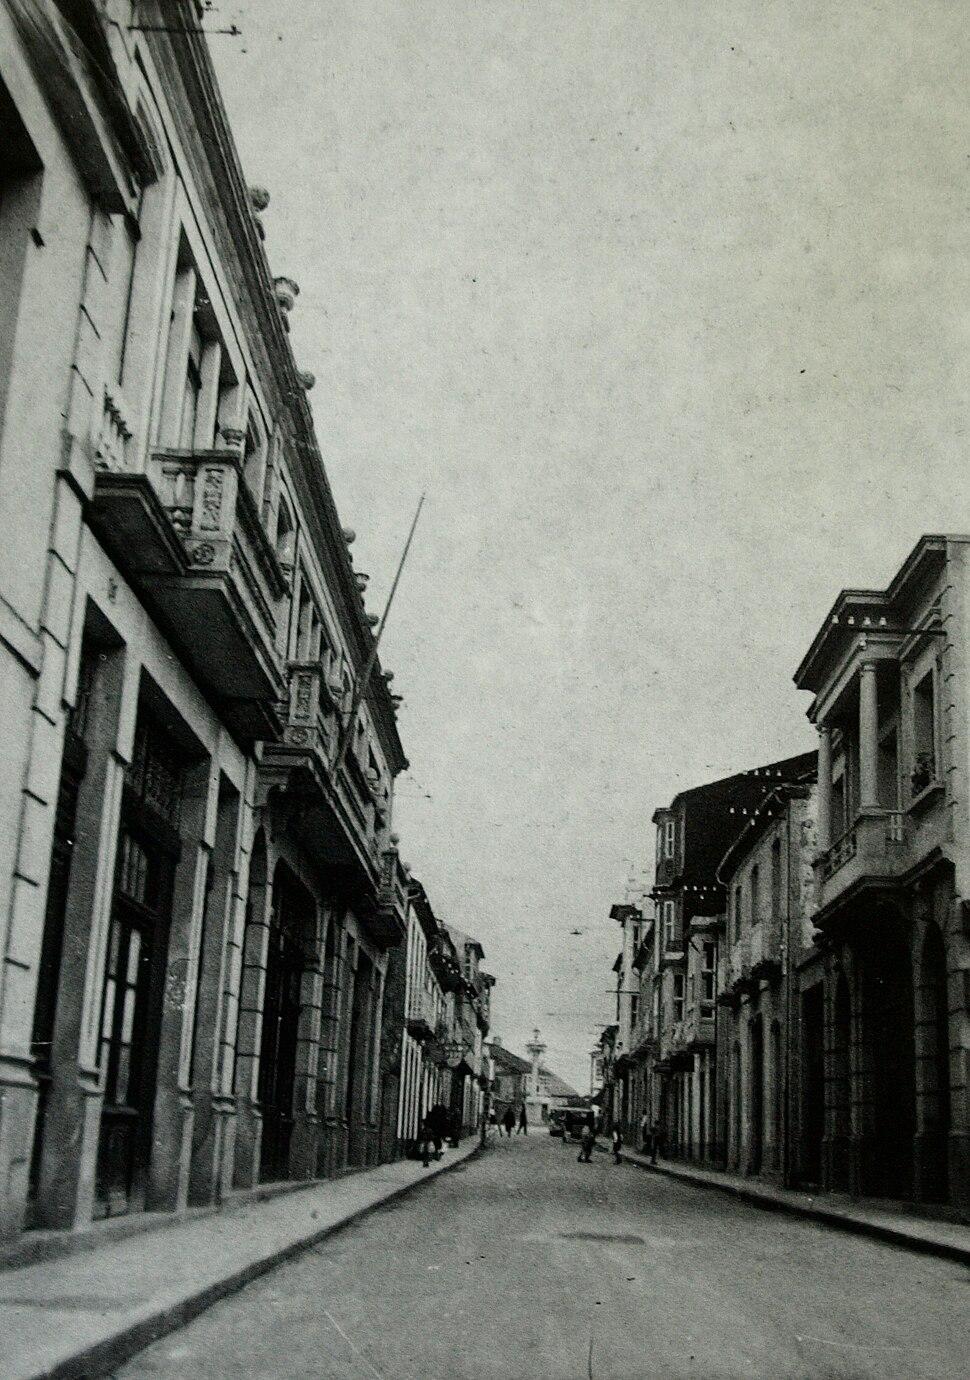 Instituto da Estrada, onde traballou dende 1933 ata o comezo da guerra civil.